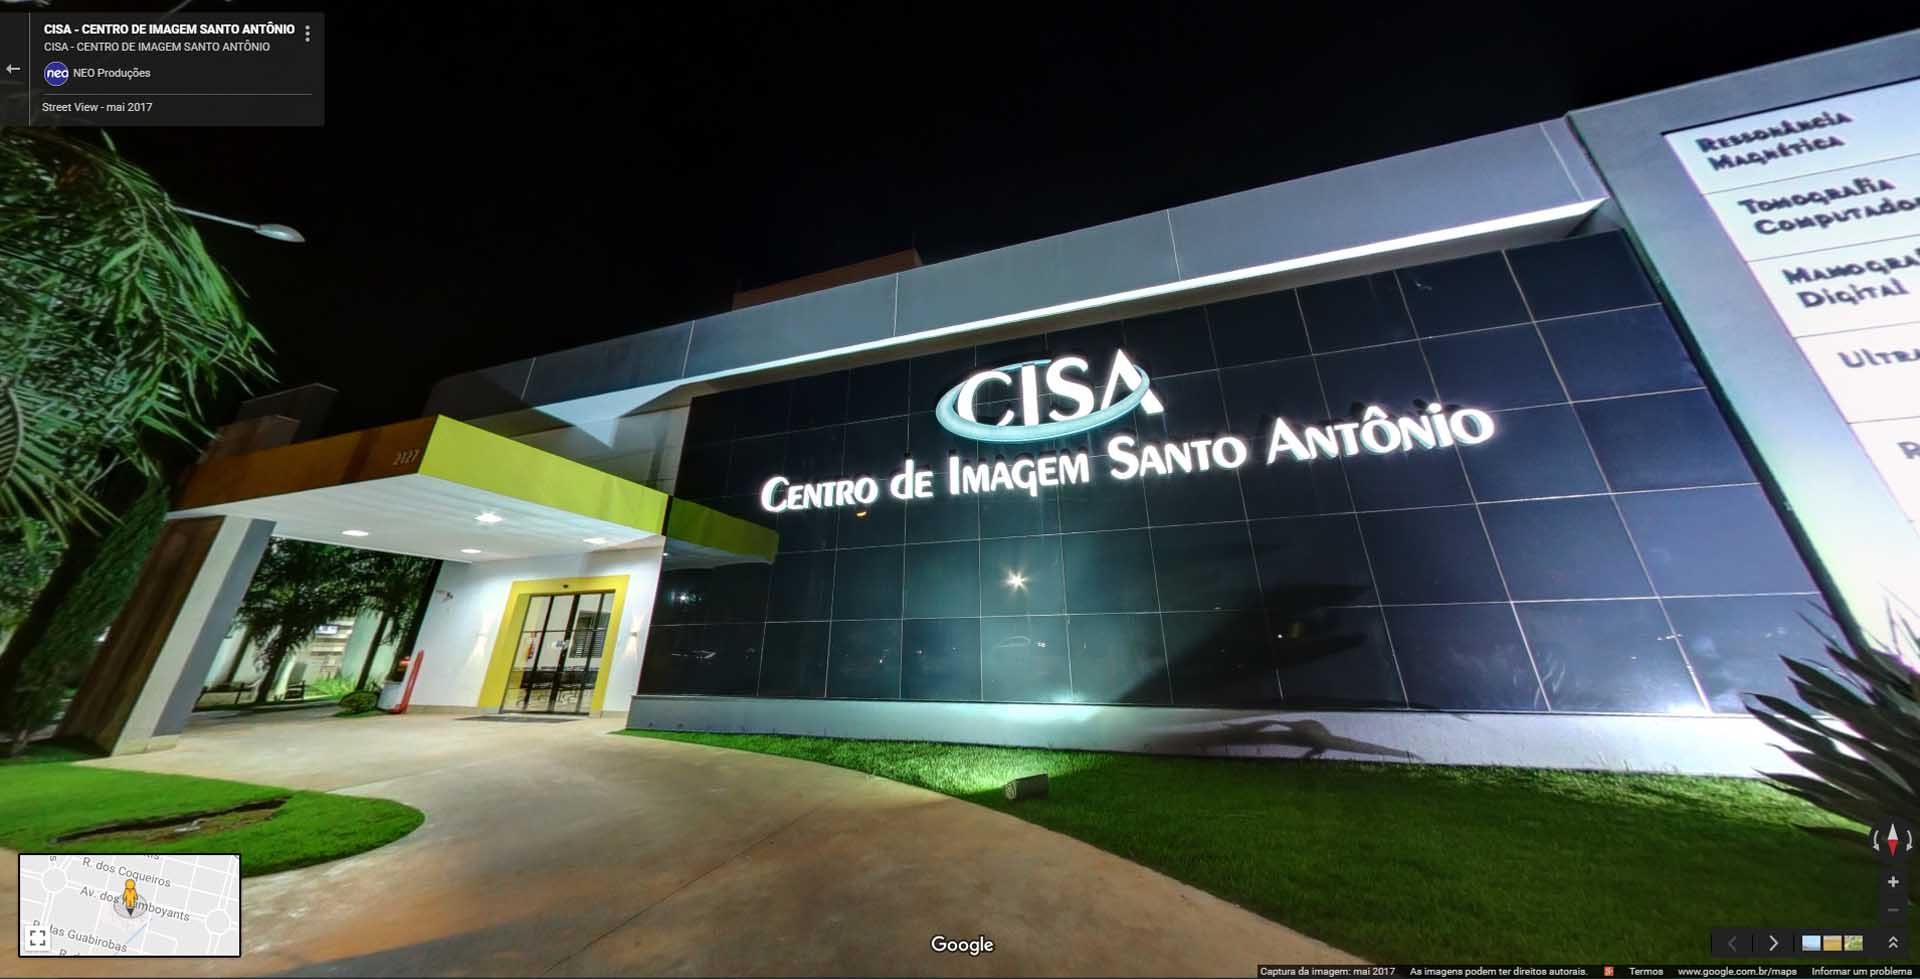 CISA - Centro de Imagem Sto. Antônio